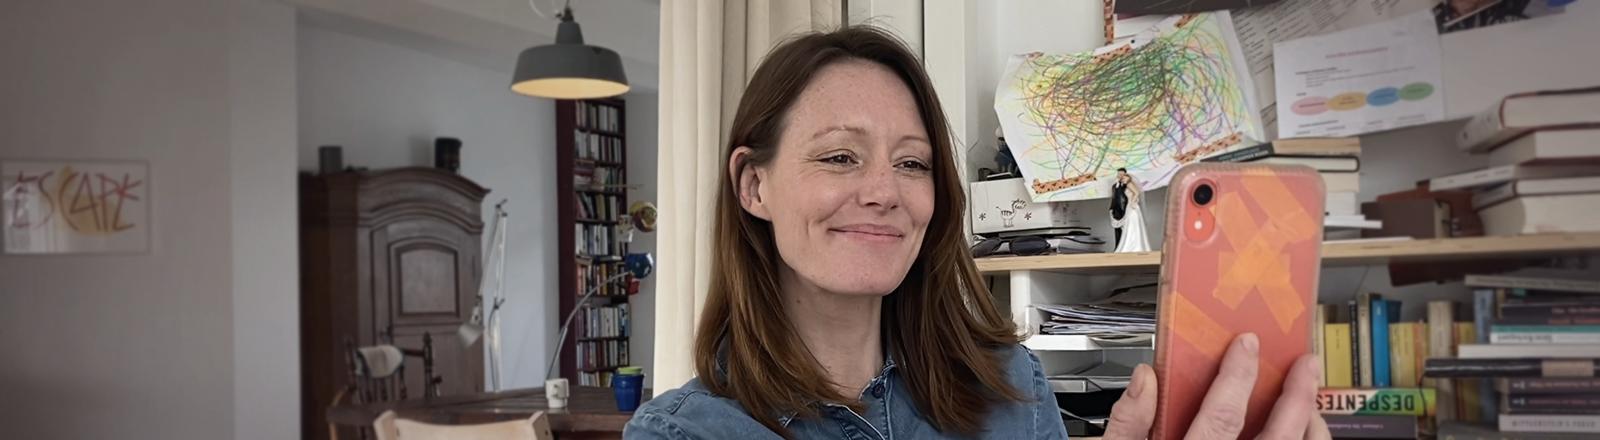 Szene aus der ZDF-Serie DRINNEN: Charlotte (Lavinia Wilson) ist nur über das Internet mit ihren Freunden und ihrer Familie verbunden.